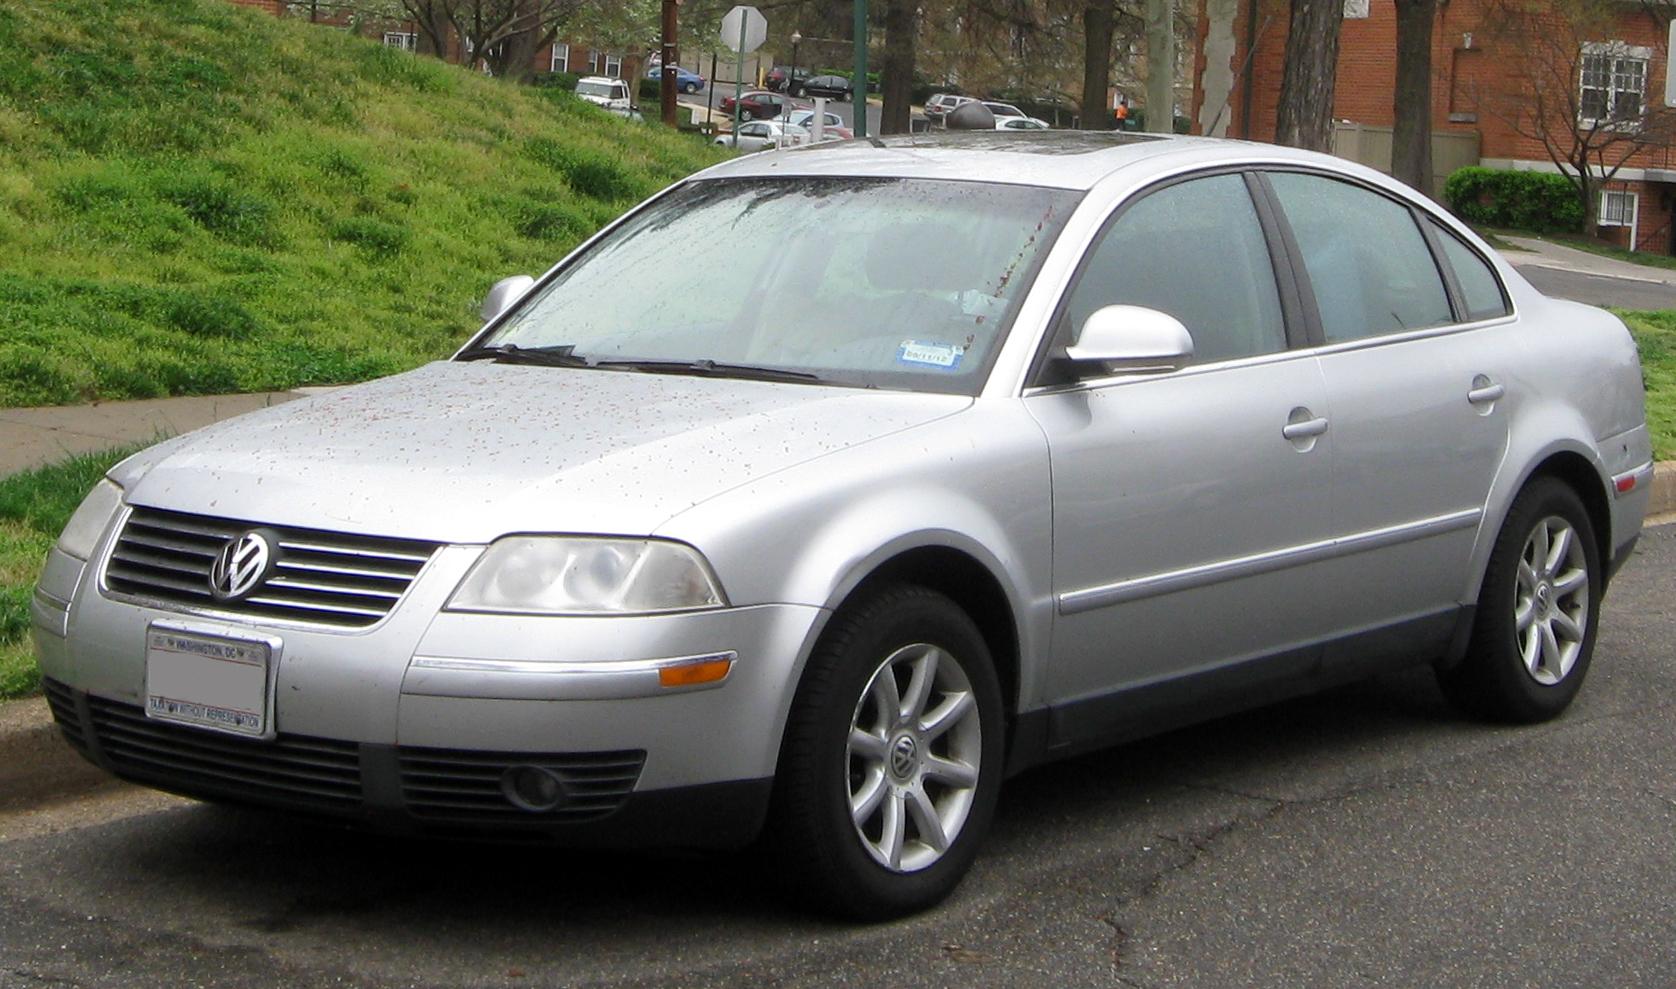 VW vw passat 2001 : File:2001-2005 Volkswagen Passat sedan -- 03-21-2012.JPG ...